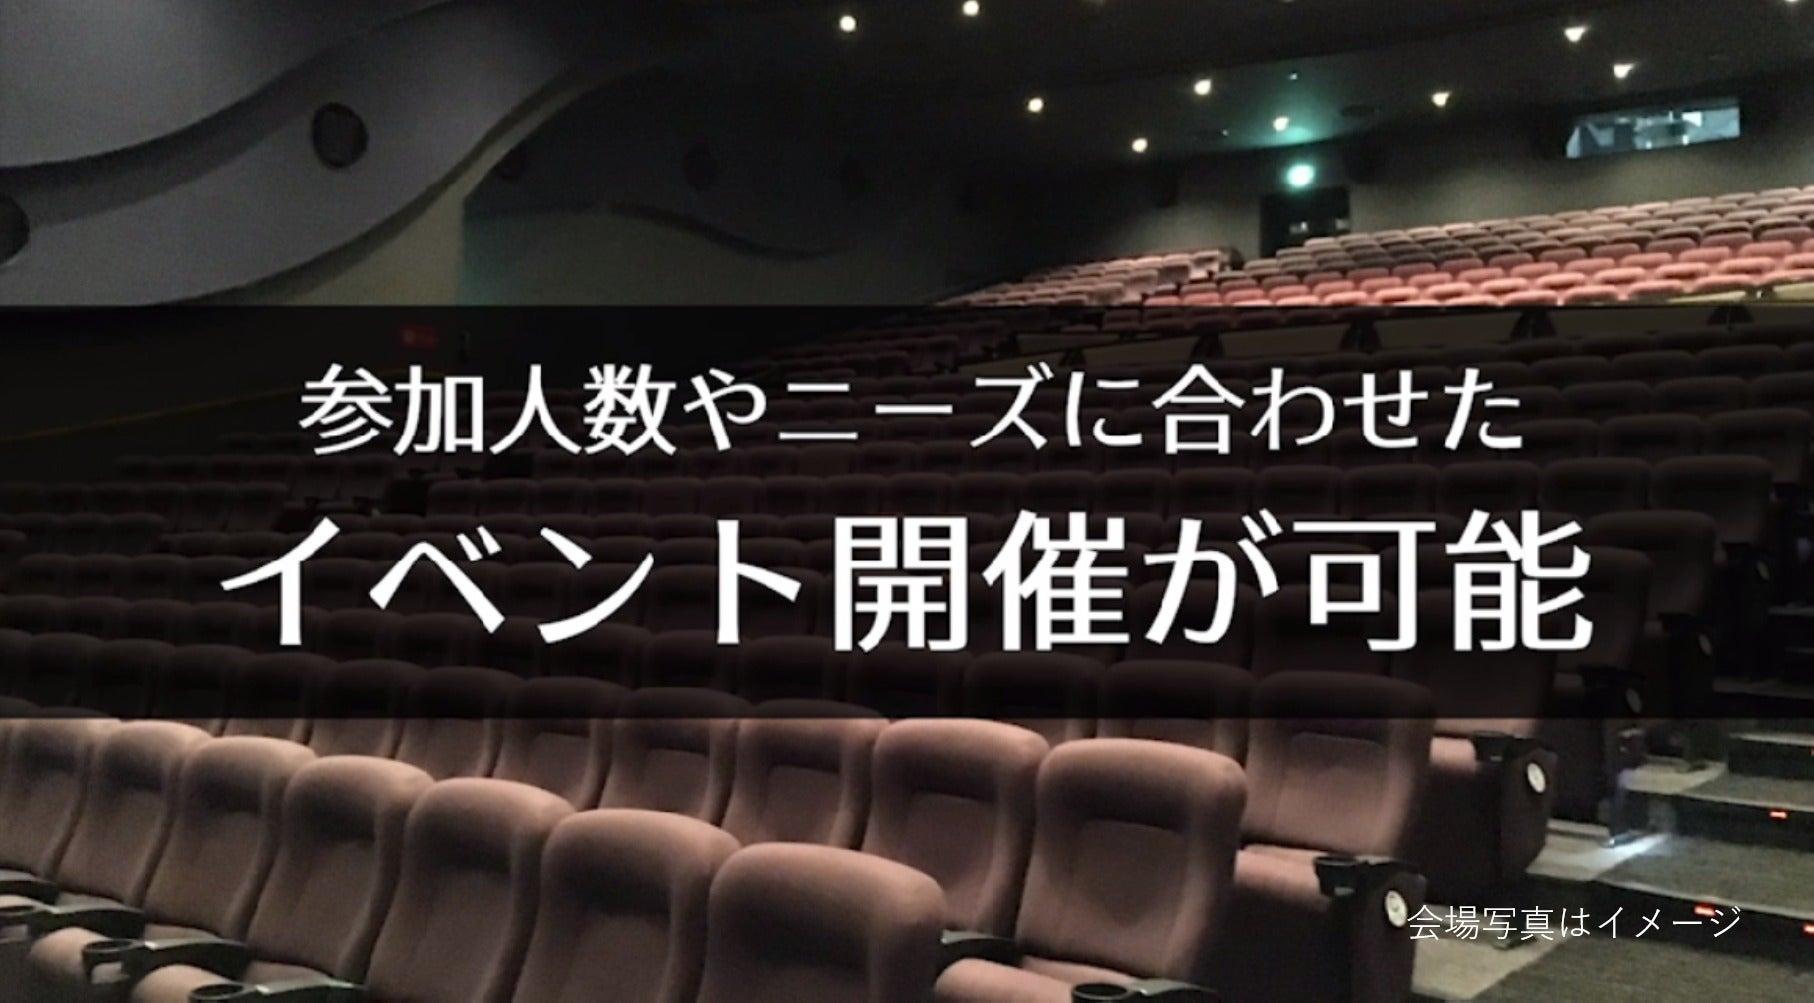 【新座 124席】映画館で、会社説明会、株主総会、講演会の企画はいかがですか? の写真